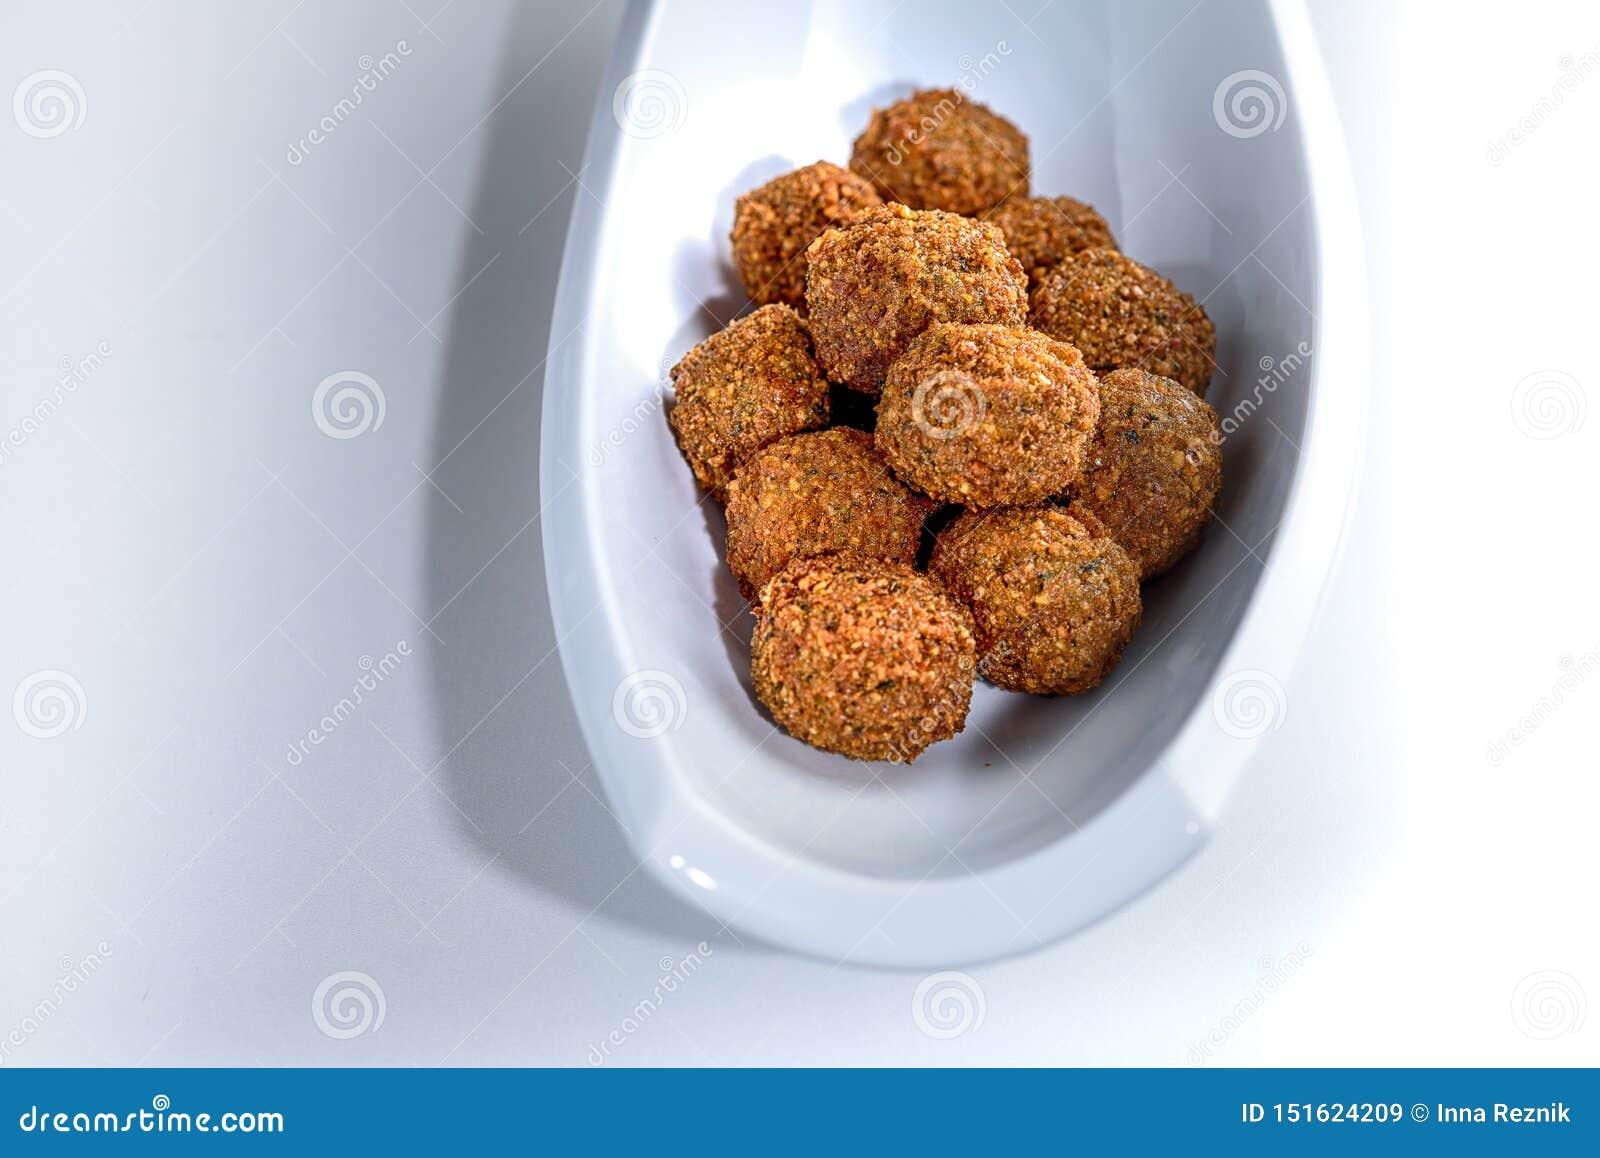 Fantastiskt och oemotståndligt uppläggningsfat av rättvis-stekte falafelbollar